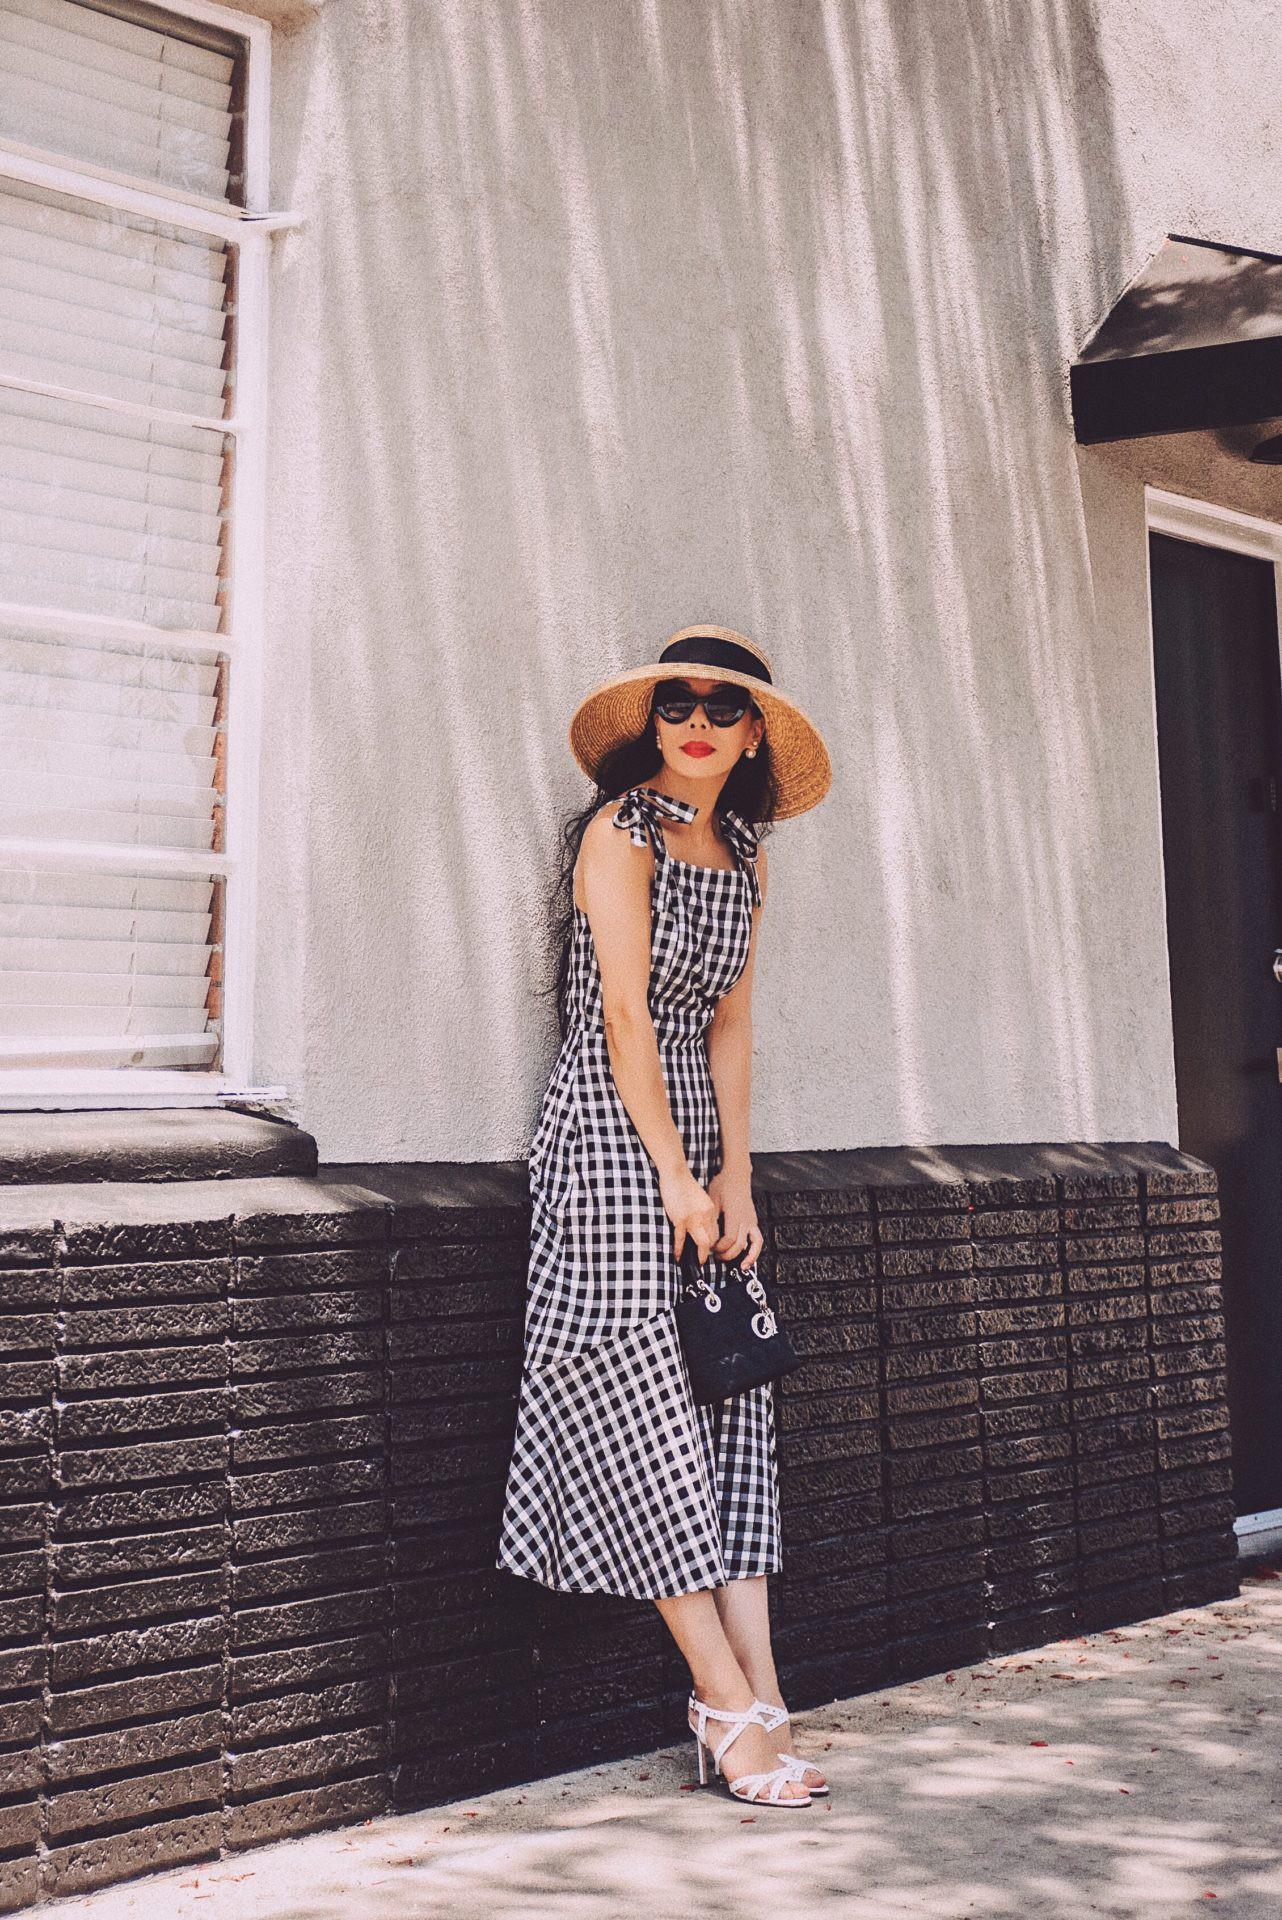 Mũ cói chống nắng được các quý cô Châu Á sử dụng làm phụ kiện sống ảo trong street style tuần này - Ảnh 13.